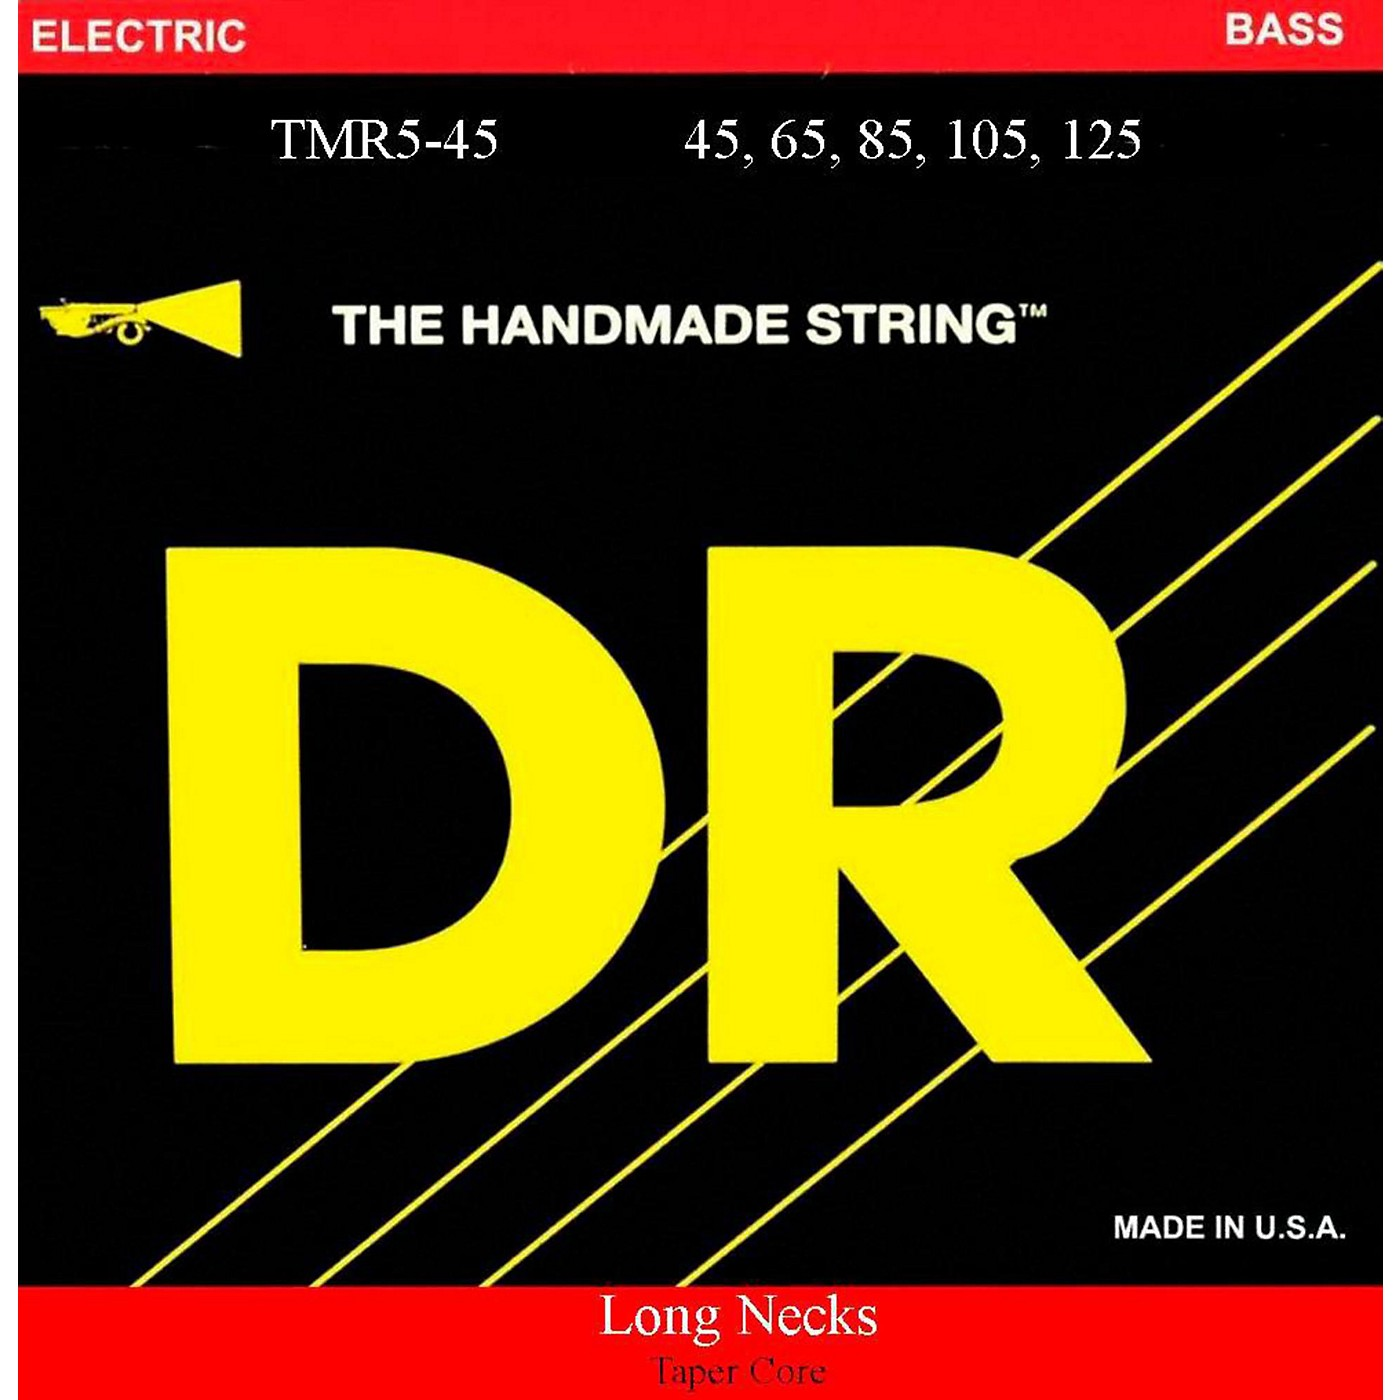 DR Strings Long Necks Taper Core Medium 5-String Bass Strings thumbnail